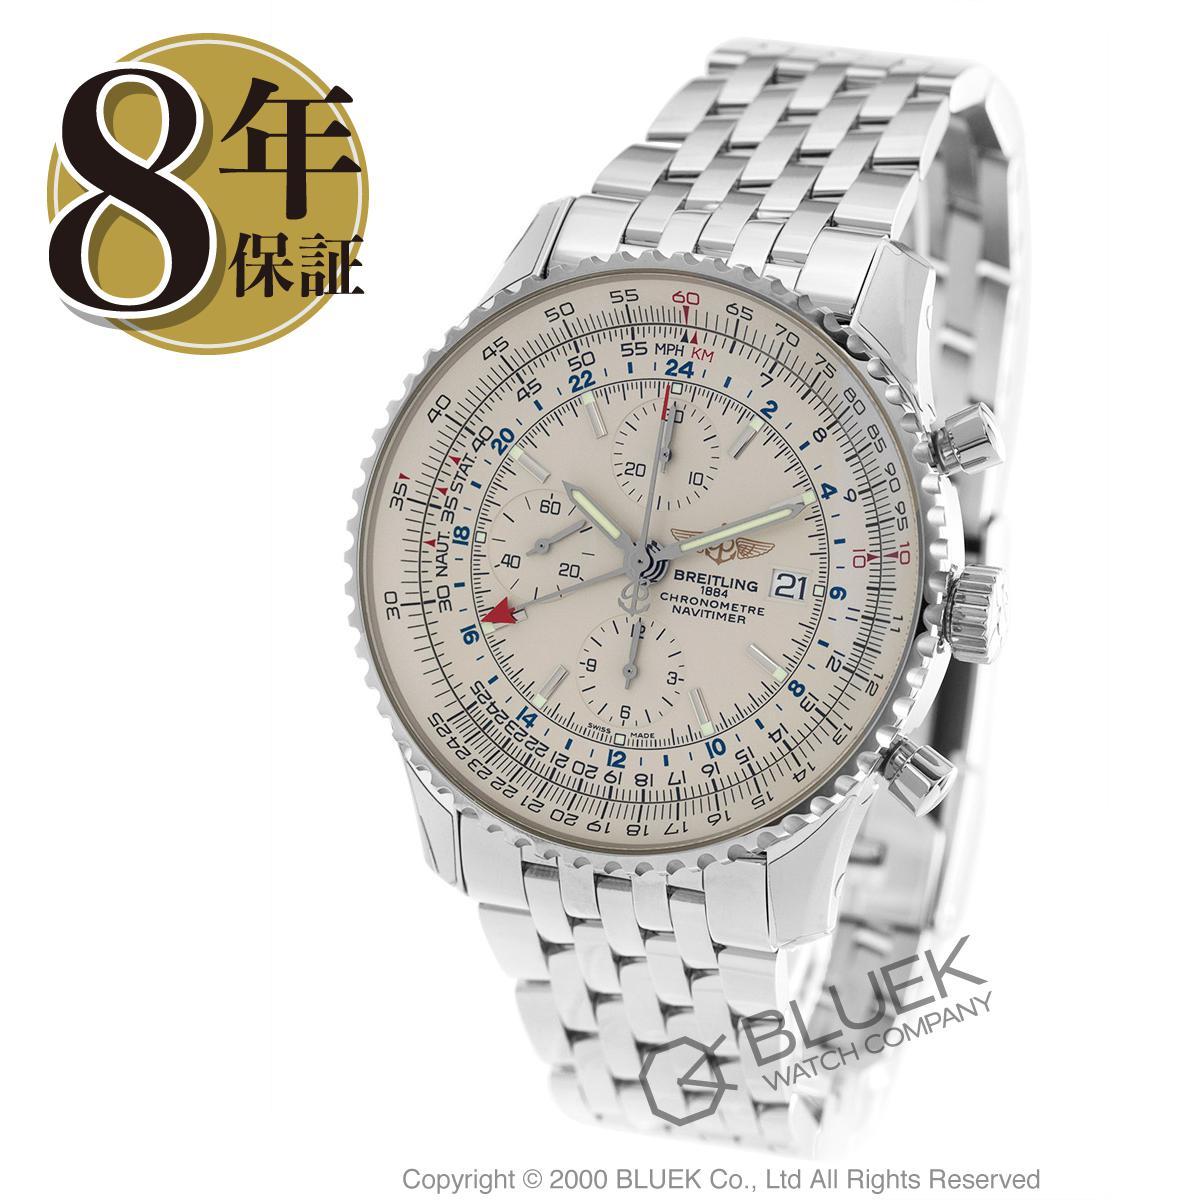 ブライトリング BREITLING 腕時計 ナビタイマー ワールド メンズ A242G71NP_8